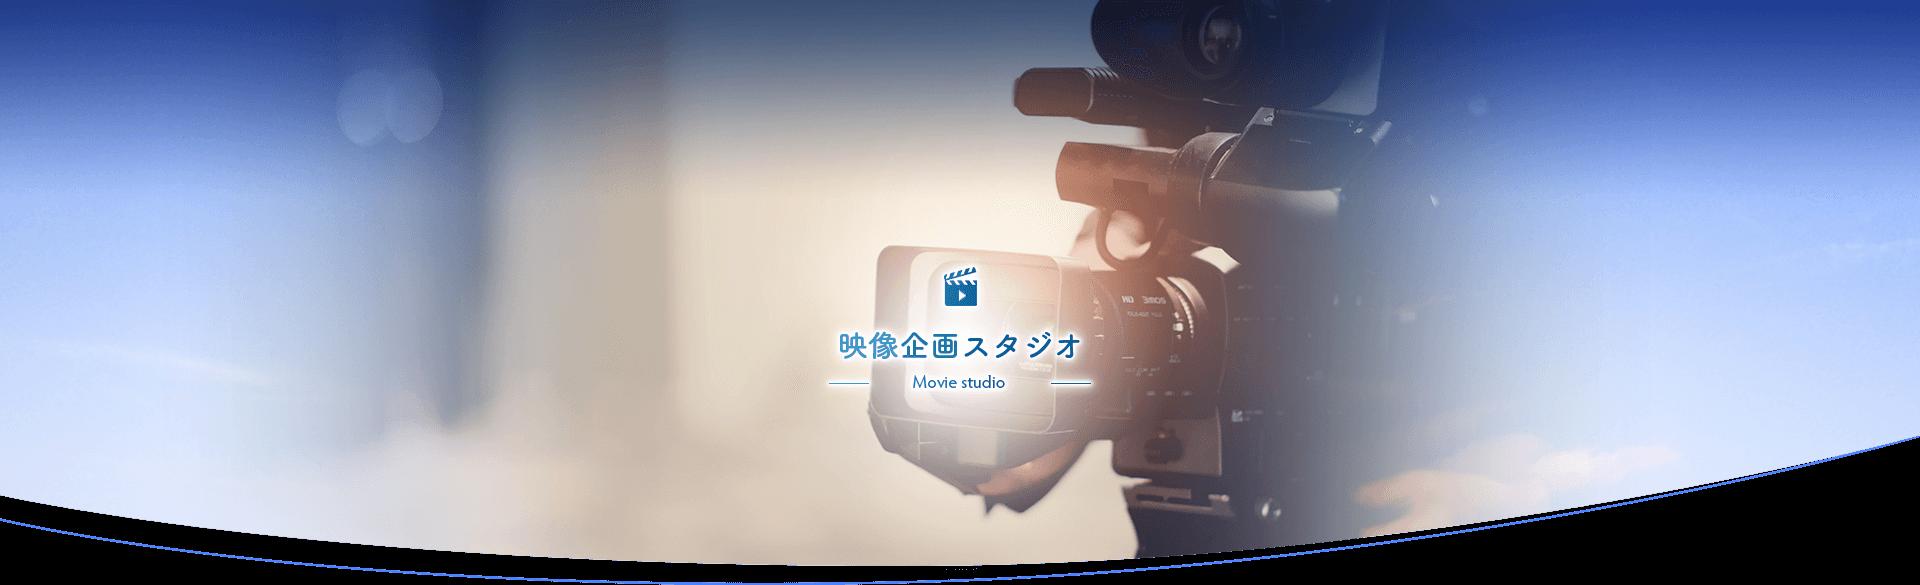 映像企画スタジオ|家電・ガスや映像制作の専門はエルムアベ【安部利吉商店】